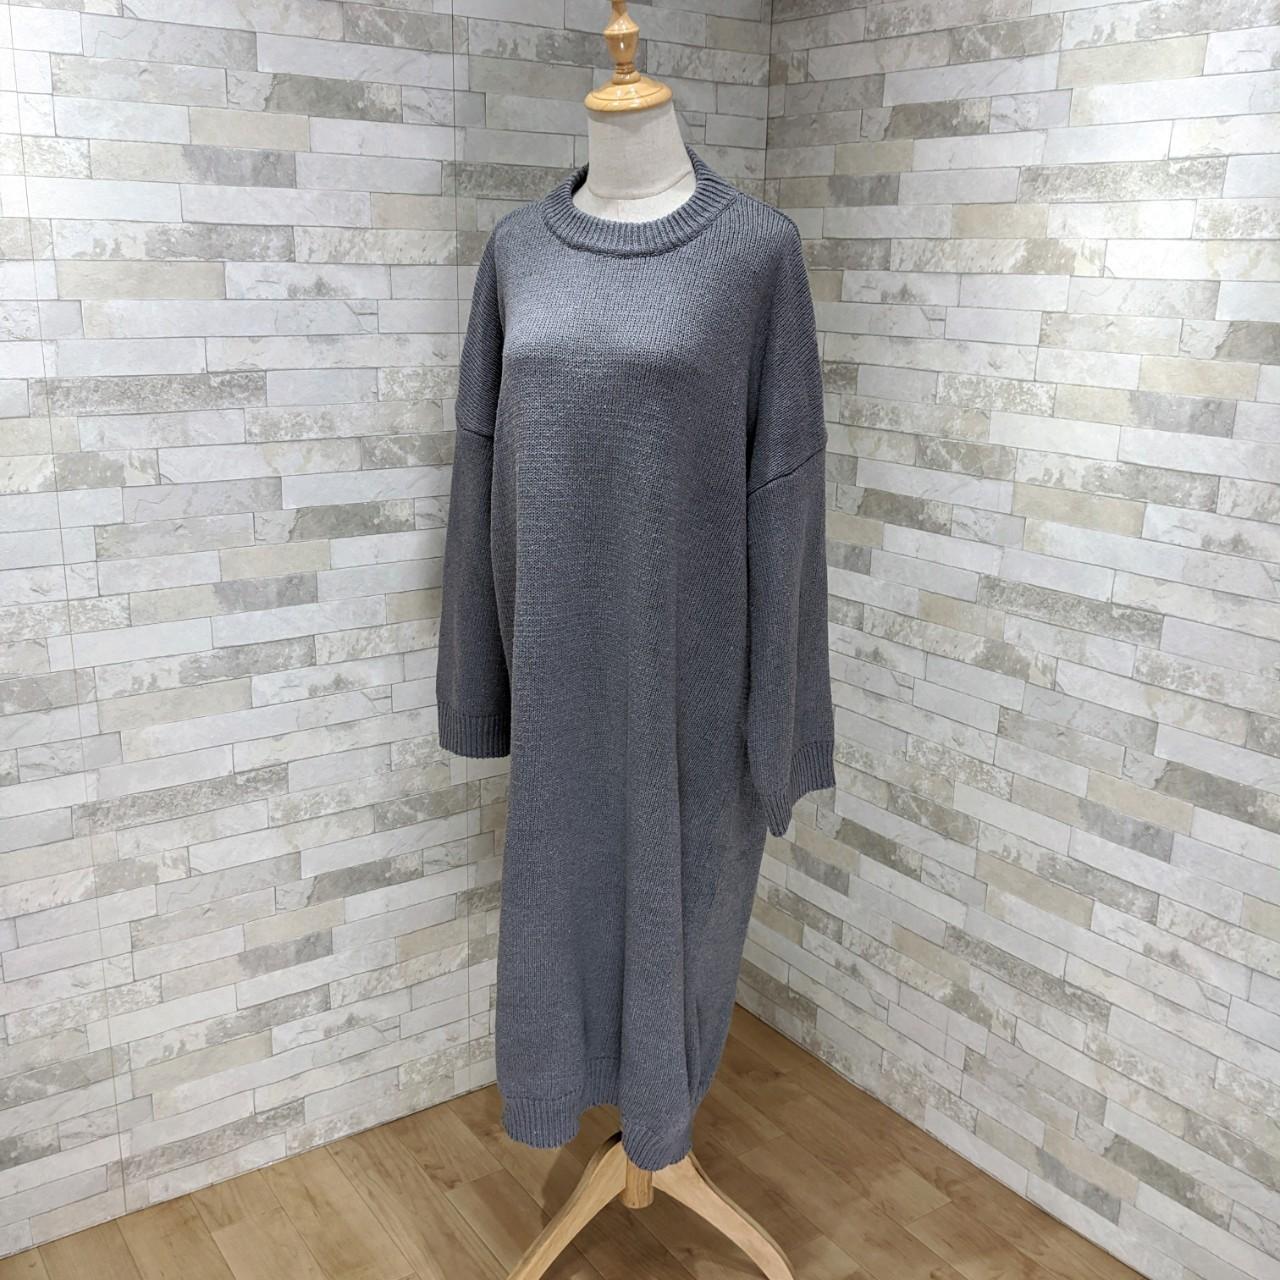 【即納】韓国 ファッション ワンピース 秋 冬 カジュアル SPTXH166  ゆったり リブニットワンピ ビッグシルエット オルチャン シンプル 定番 セレカジの写真6枚目